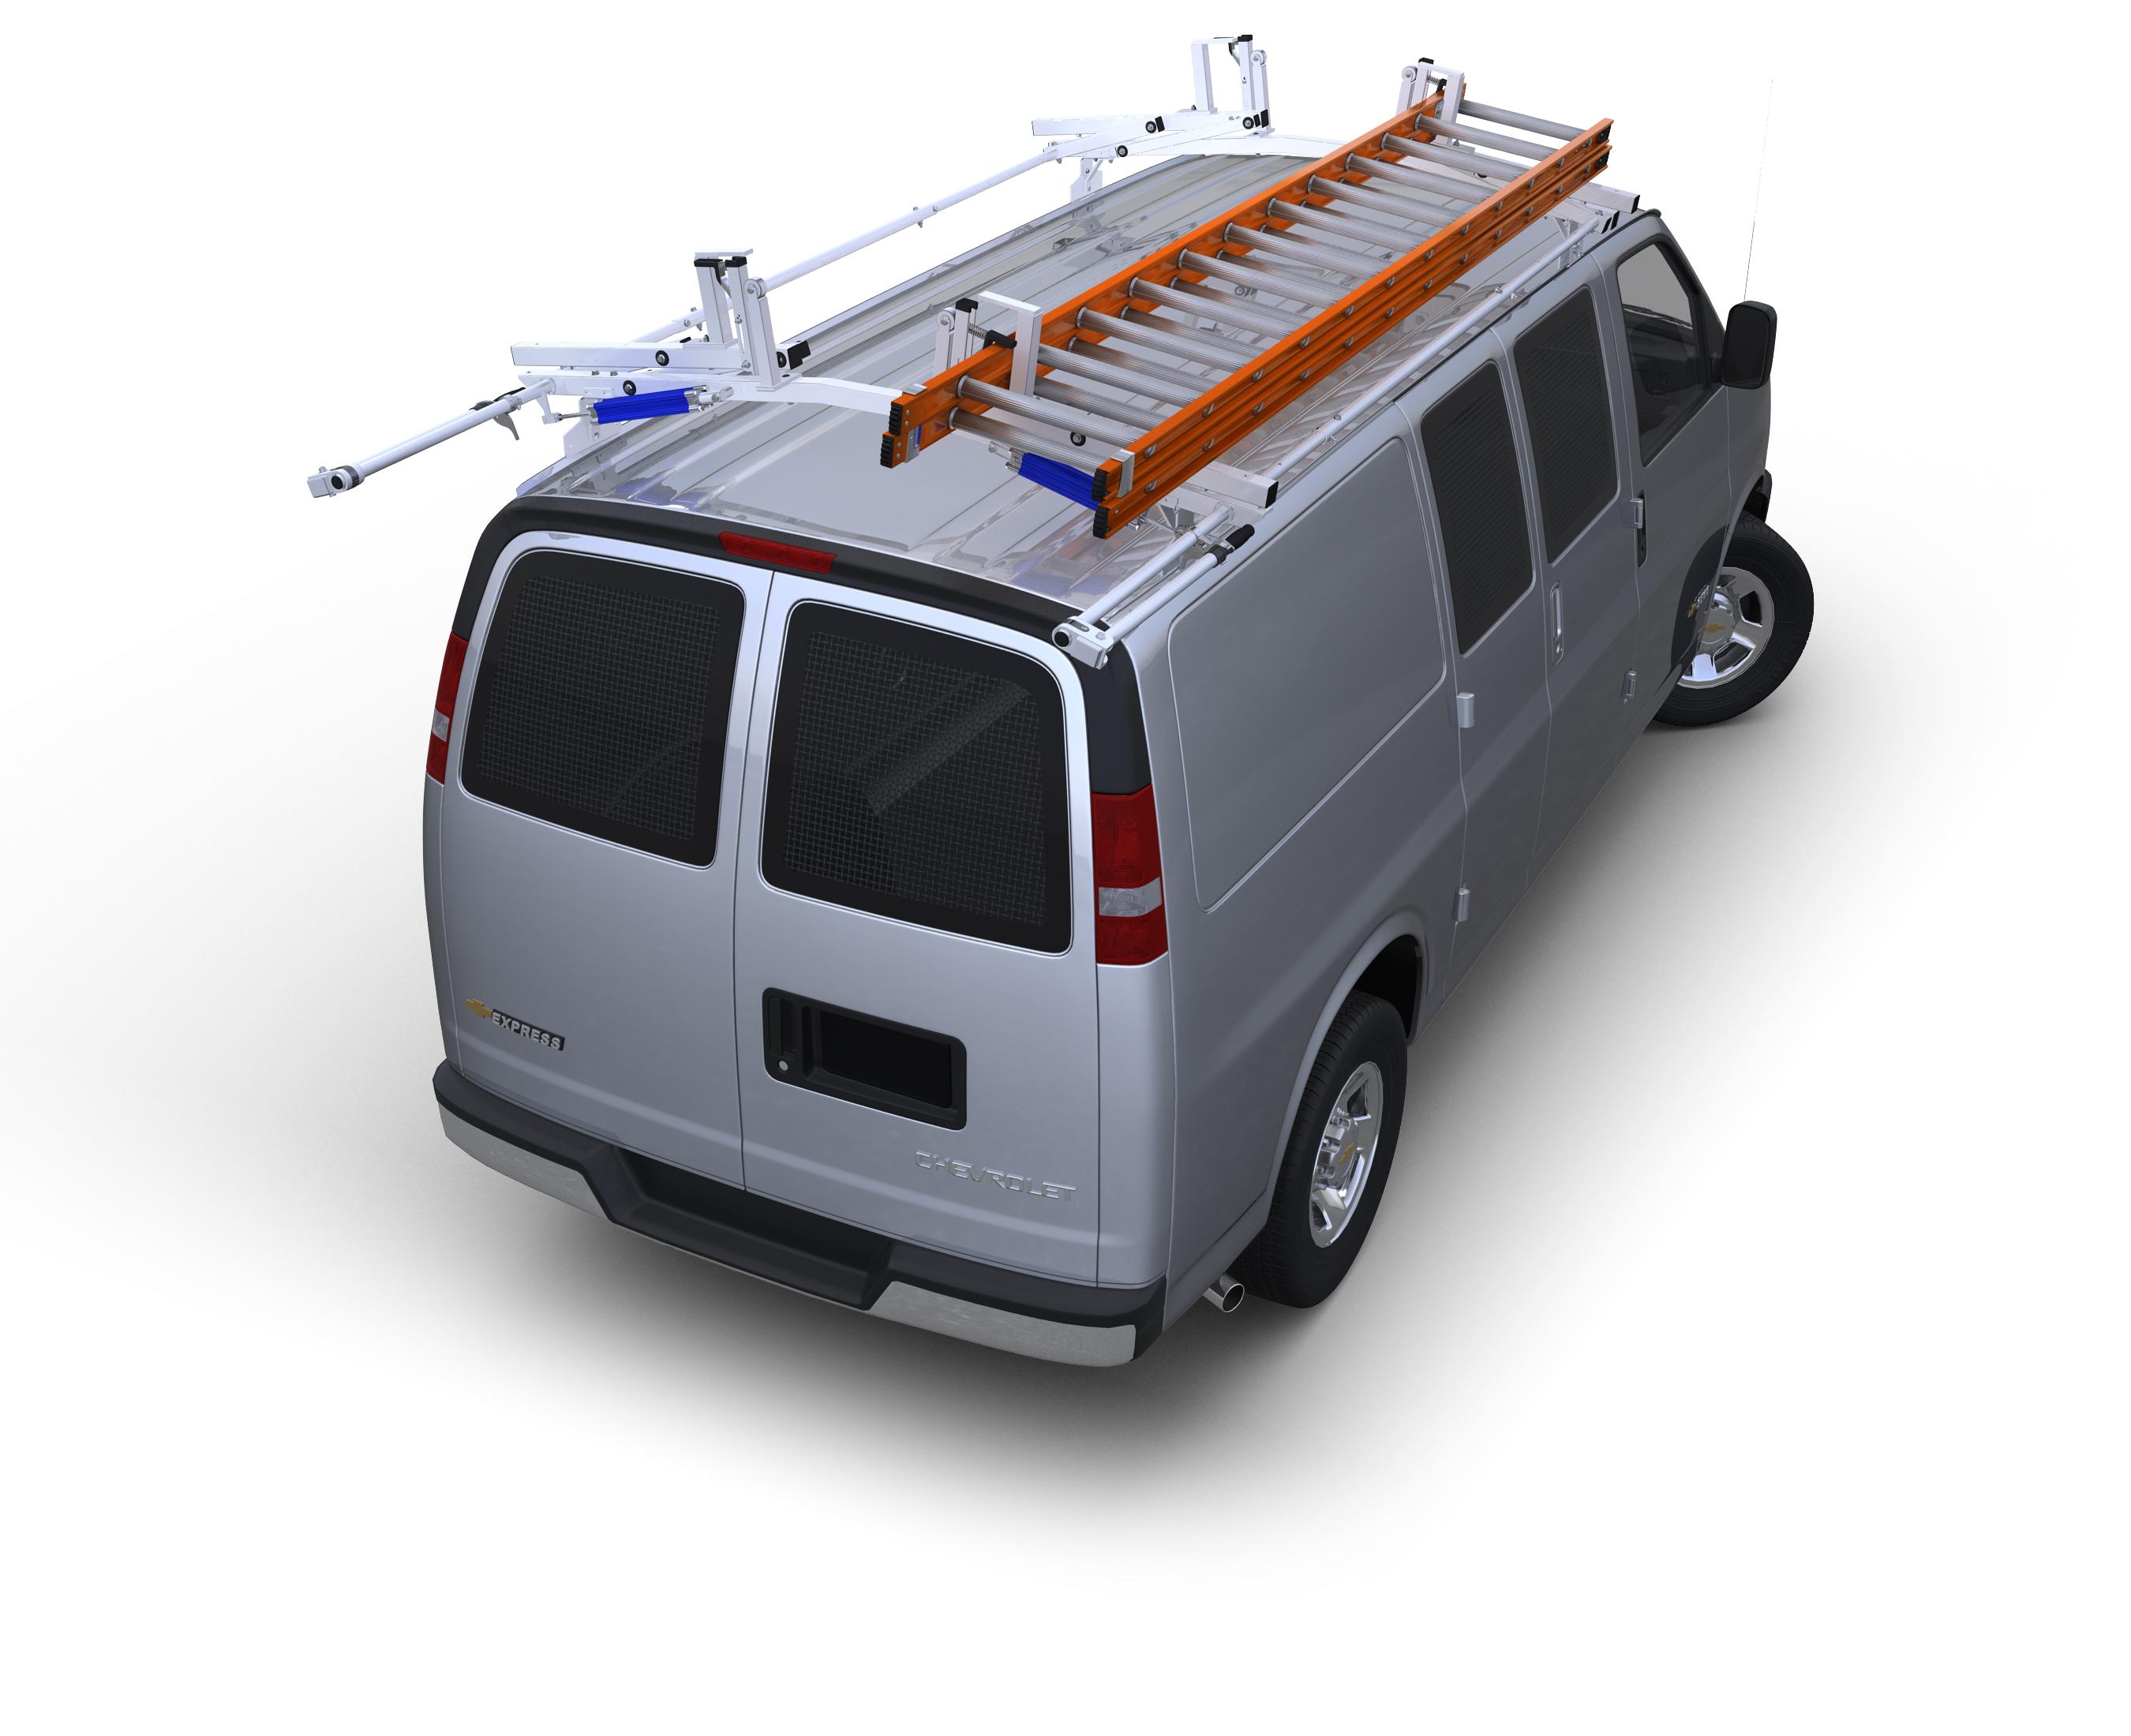 """2014 Transit Connect Aluminum Contour Shelving w/ Back, 32"""" Wide"""